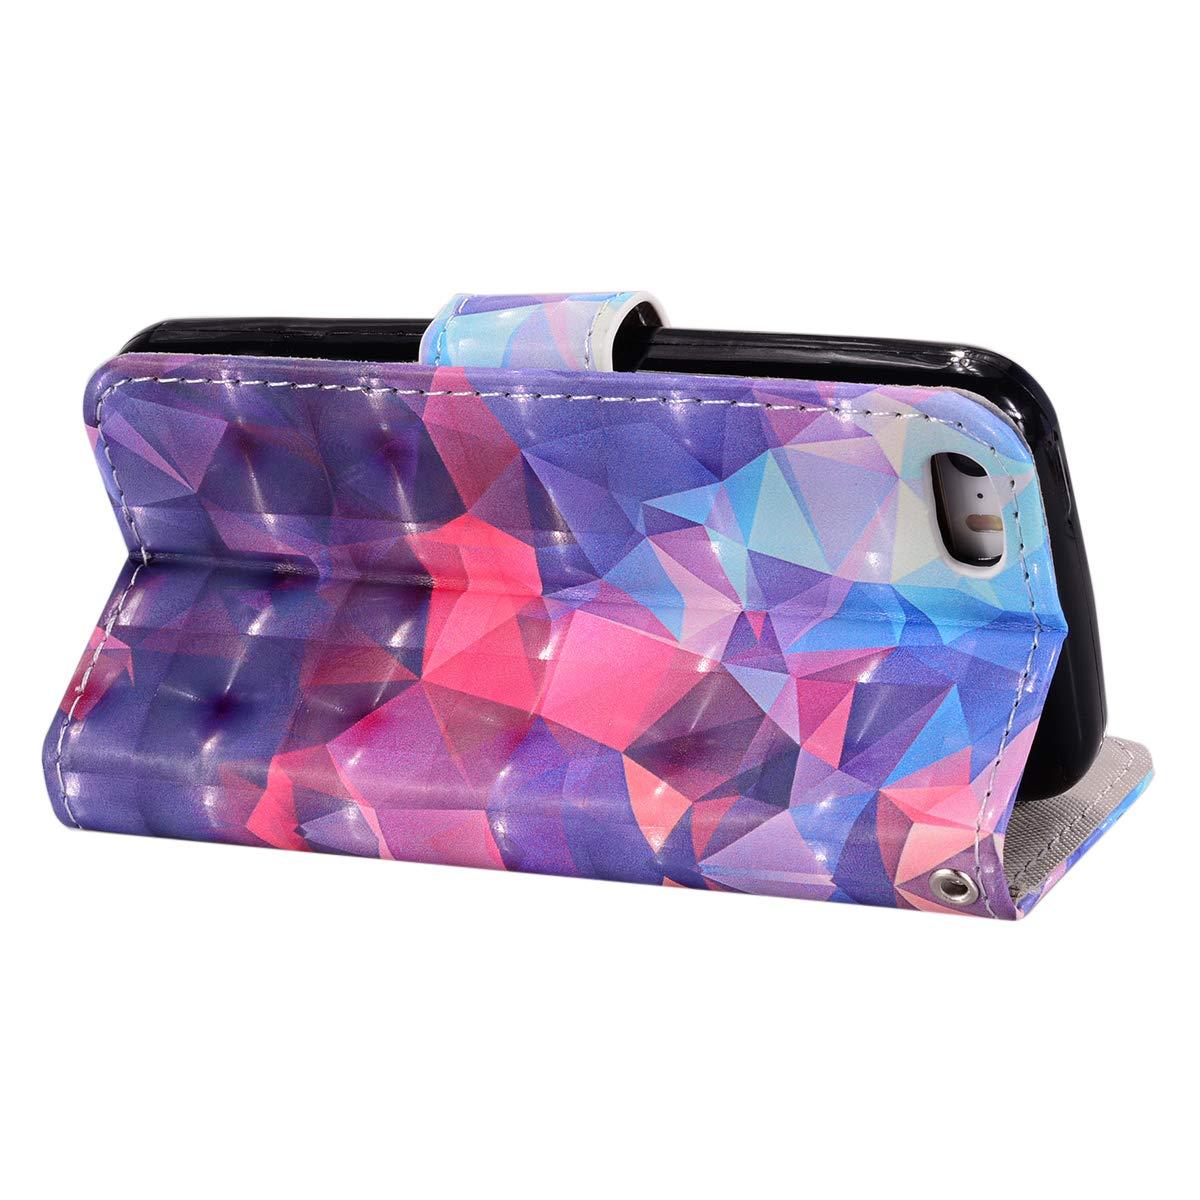 Schmetterling 5 H/ülle Tasche Leder PU Handyh/ülle 3D Creative Bunt Muster Leder Wallet Case Flip Cover Klapph/ülle Brieftasche Lederh/ülle mit Kartenf/ächer Felfy Kompatibel mit iPhone SE 5S